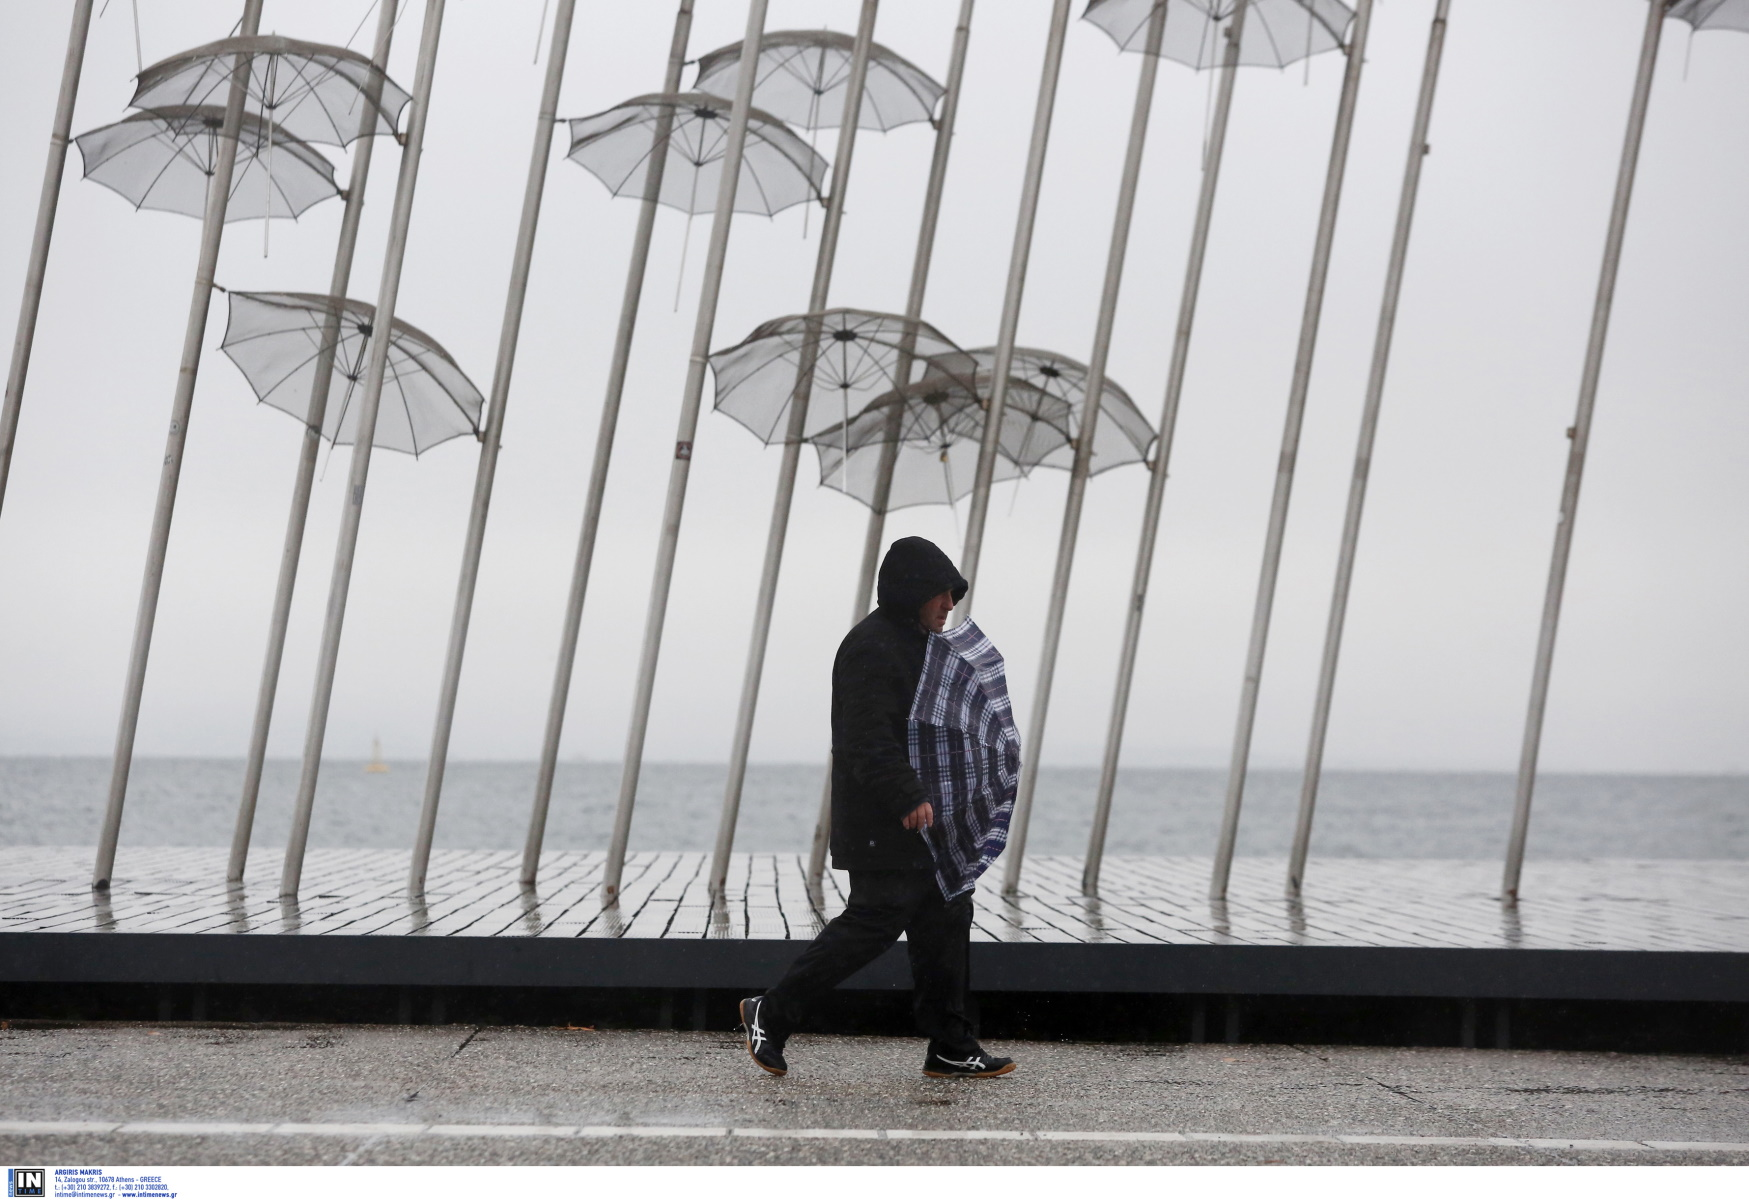 Καιρός αύριο: Επιδείνωση με βροχές και  «βουτιά» της θερμοκρασίας – Πού θα χιονίσει